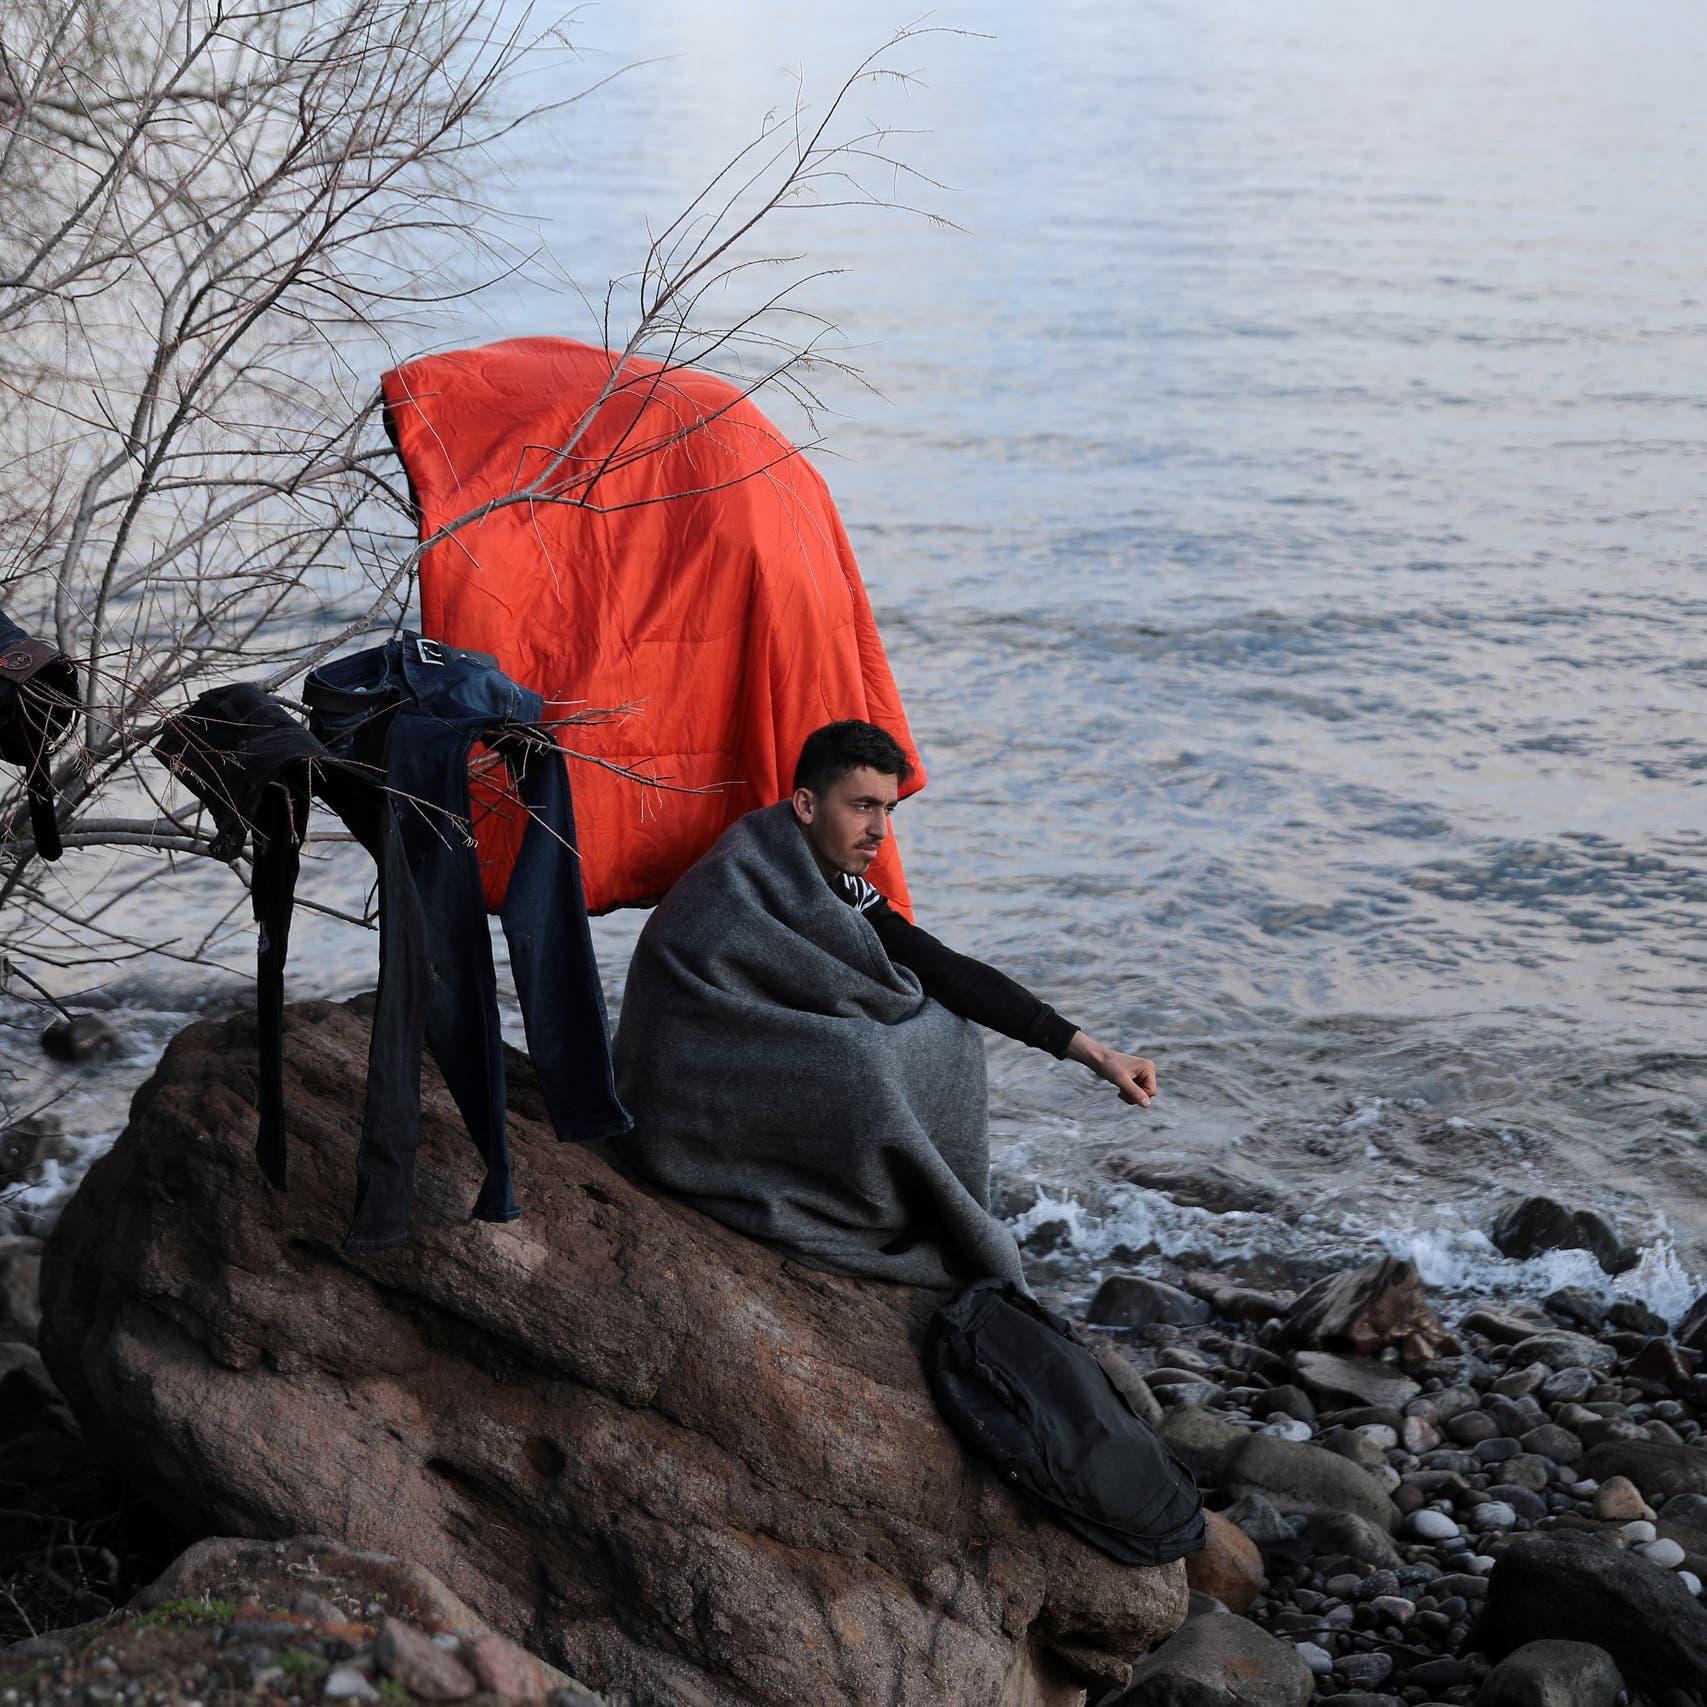 أنقرة ترفض الخطة الأوروبية لدعم اللاجئين.. وتنتقدها